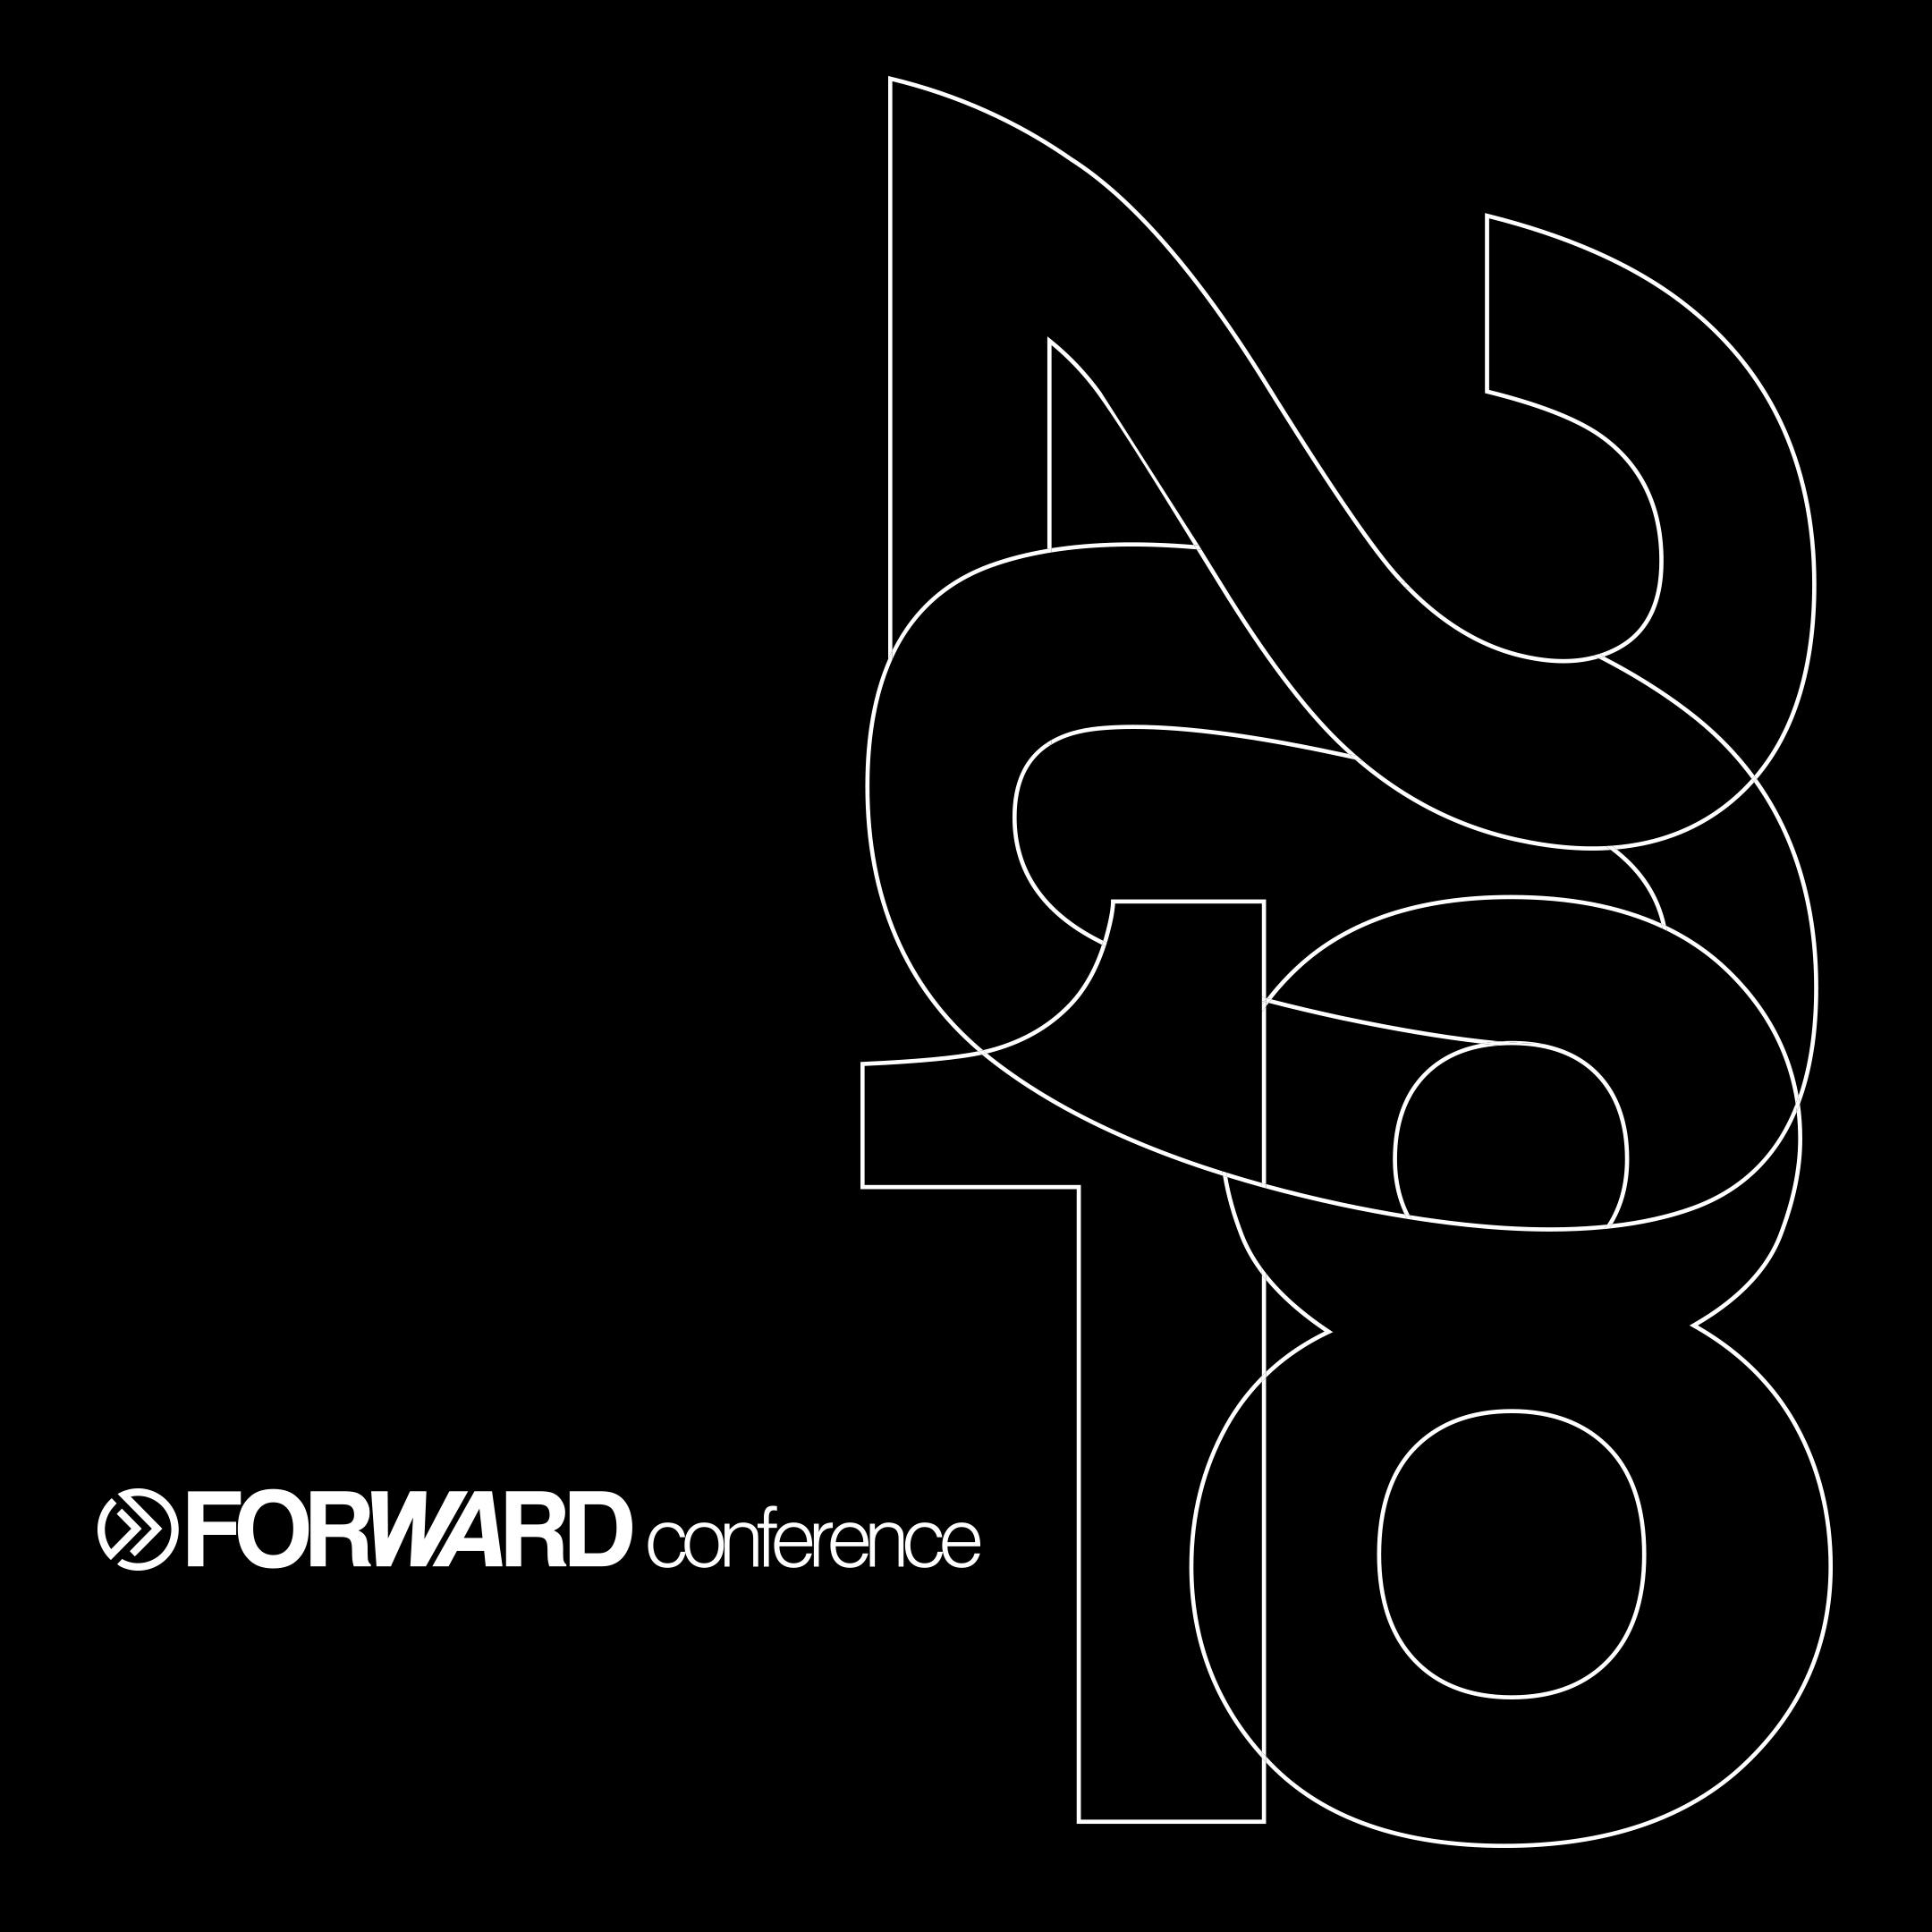 Forward2018 social share